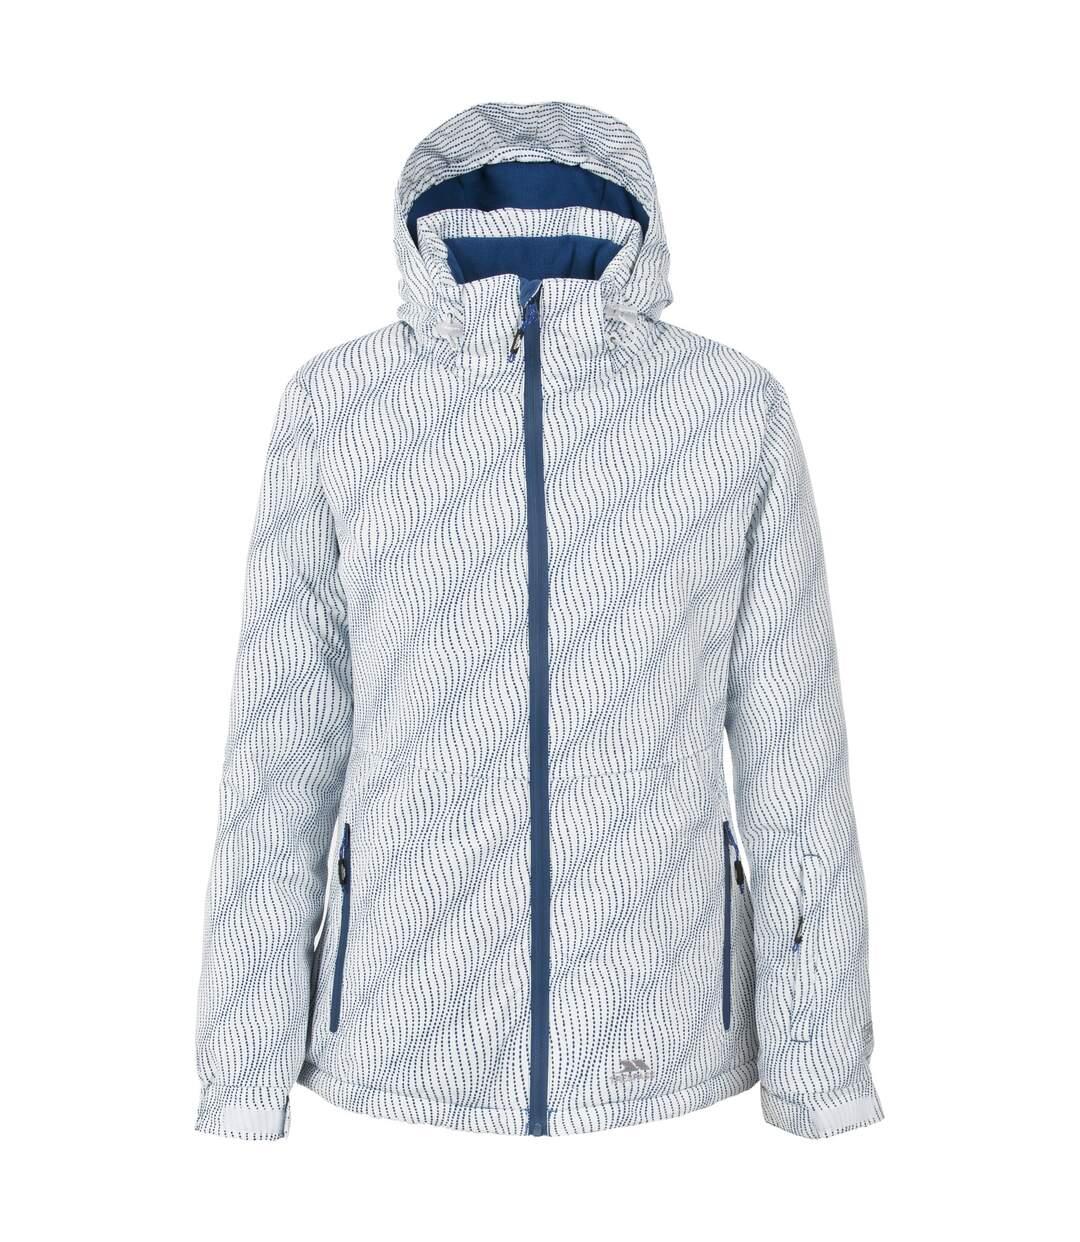 Trespass Womens/Ladies Ravella Waterproof Padded Ski Jacket (Indigo) - UTTP3076